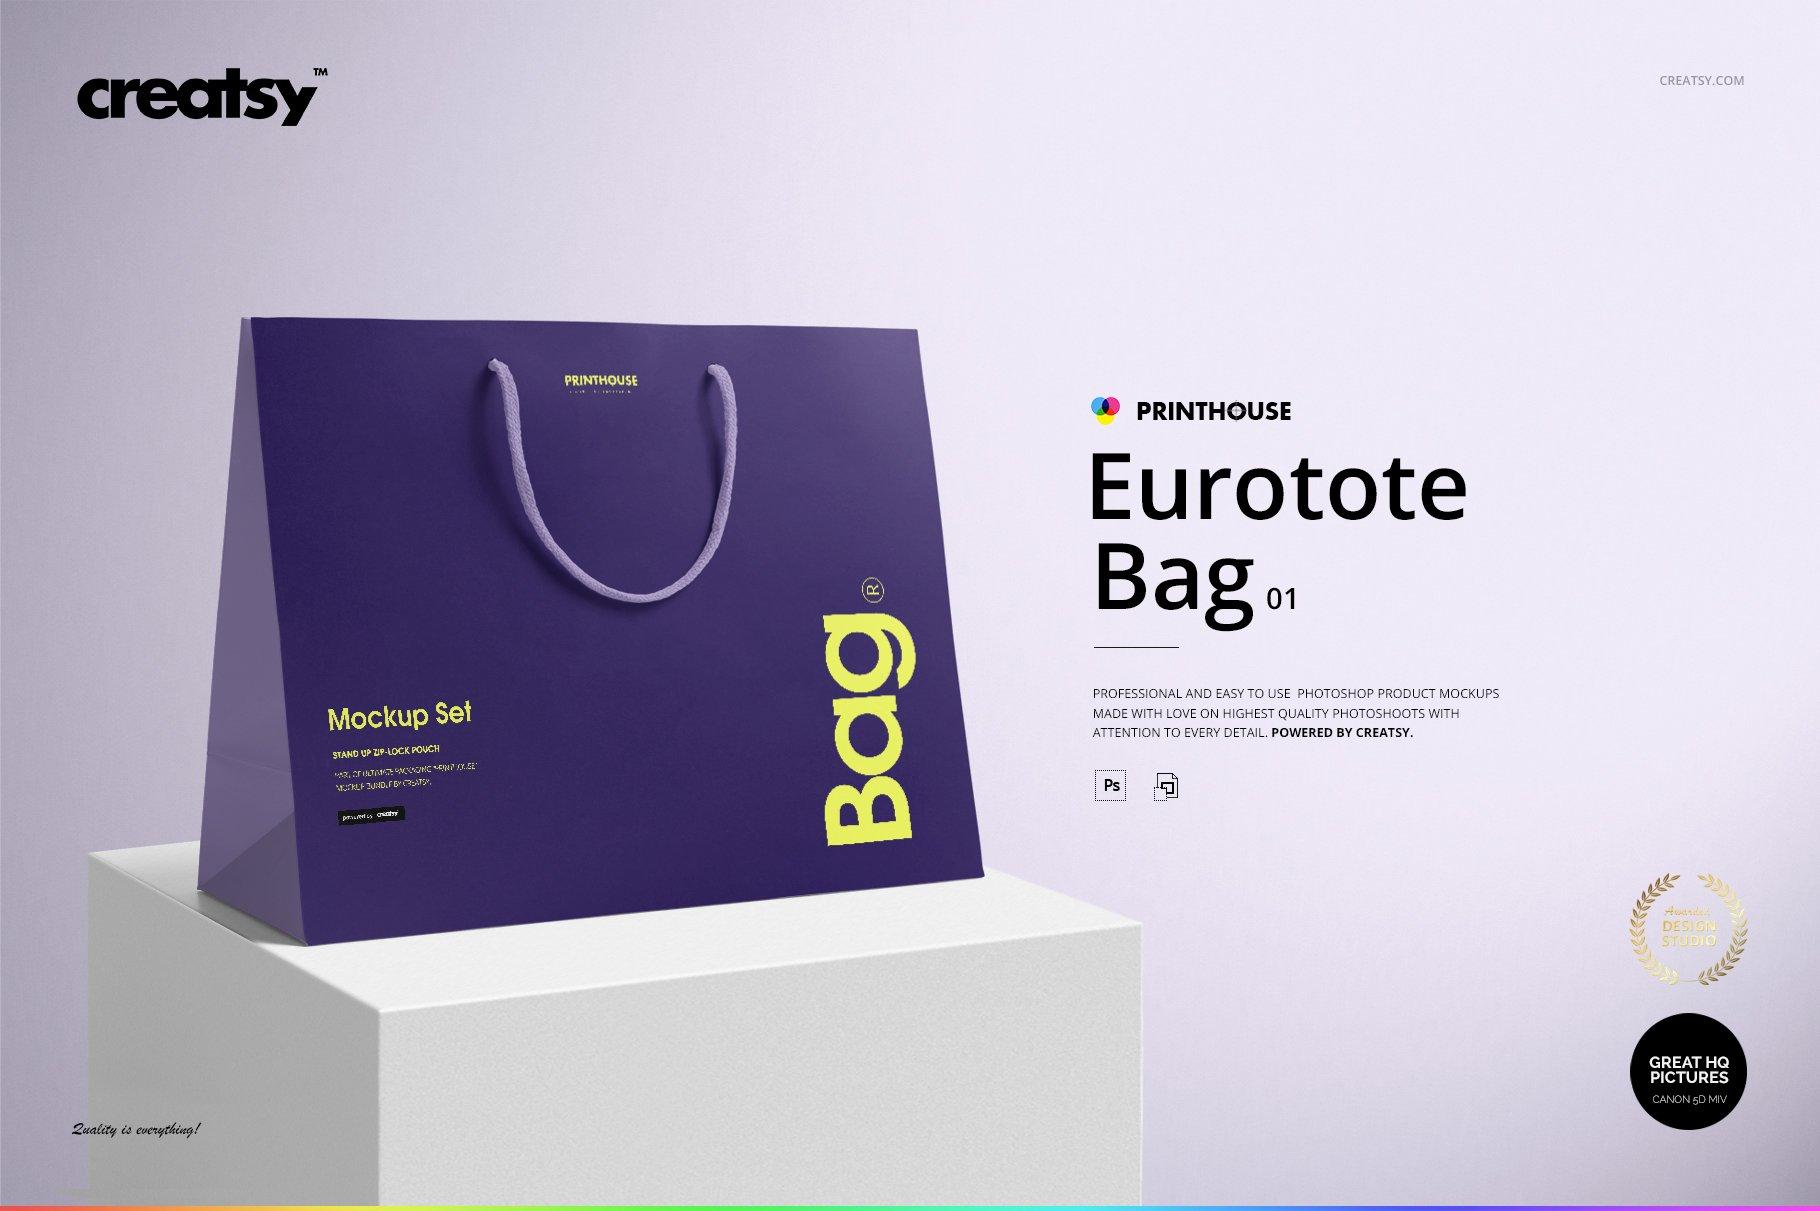 极简购物手提纸袋设计展示贴图样机PS设计素材 Eurotote Bag Mockup Set 1插图